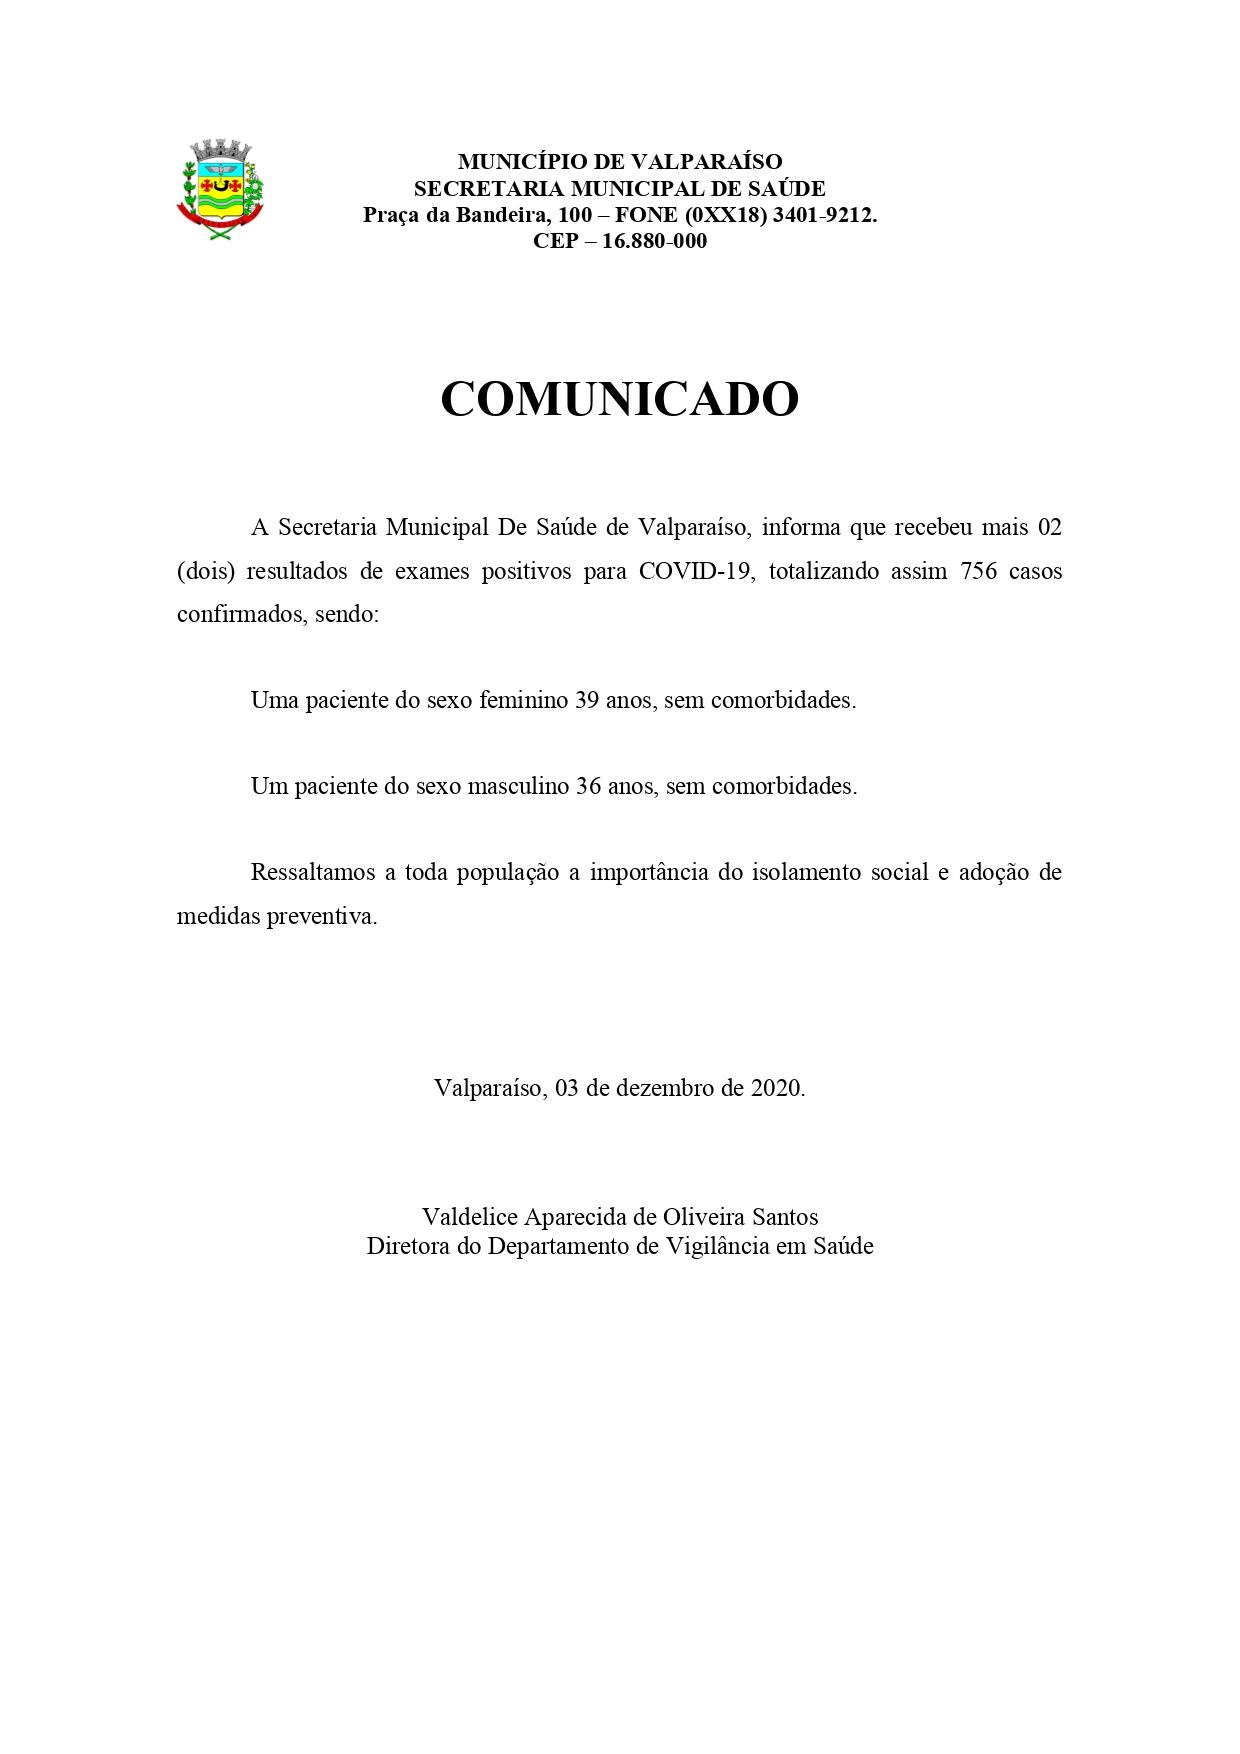 covid756